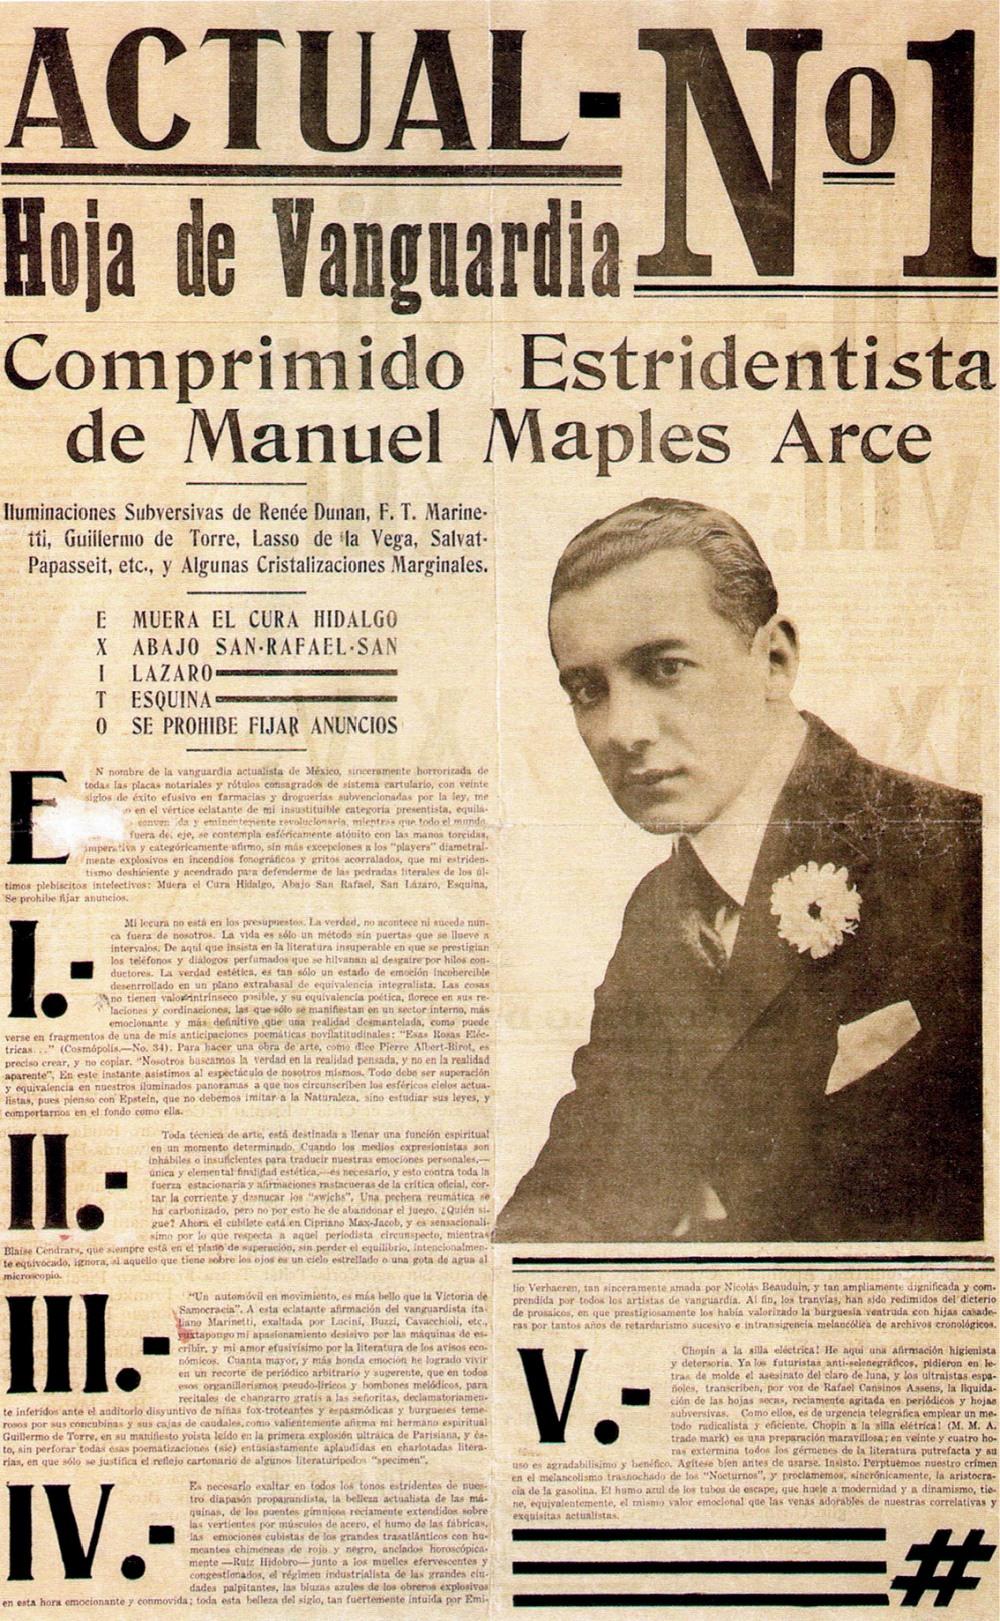 """""""Actual N.º 1: Hoja de Vanguardia. Comprimido Estridentista"""", México, diciembre de 1921."""